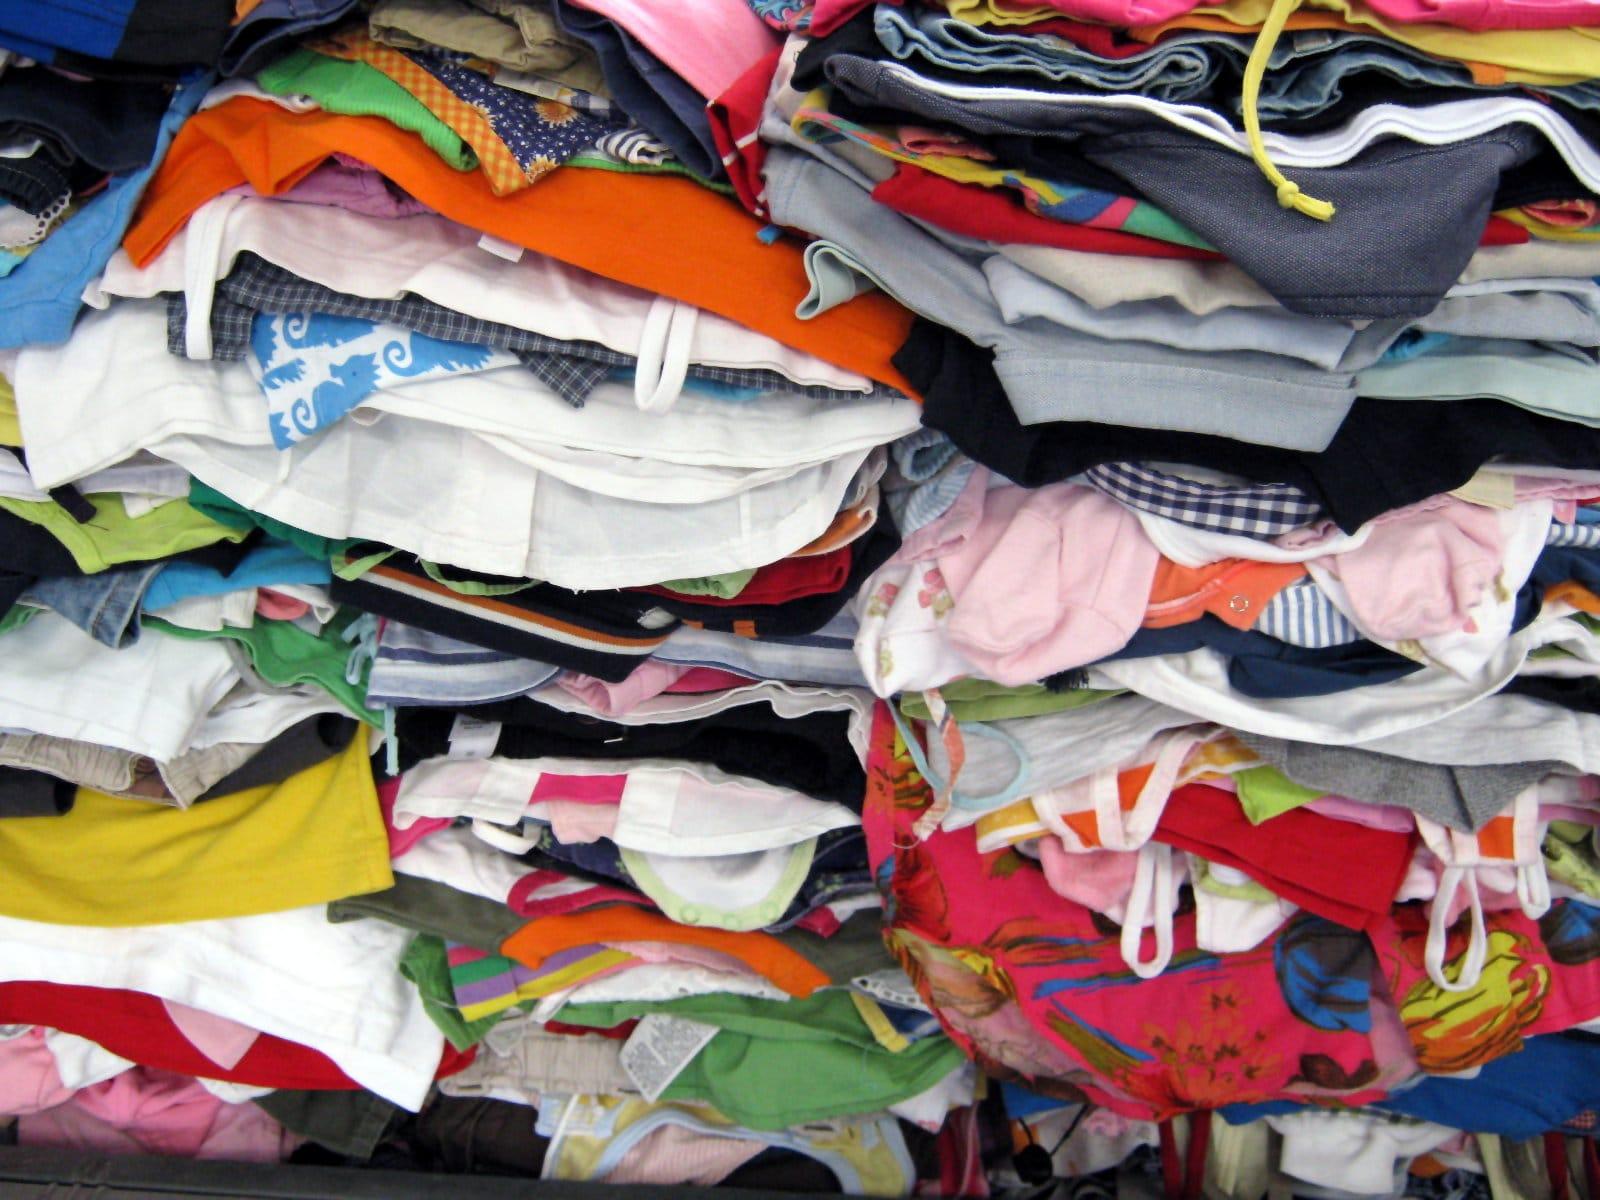 Favorito Raccolta abiti usati in Italia - Non sprecare ZS58